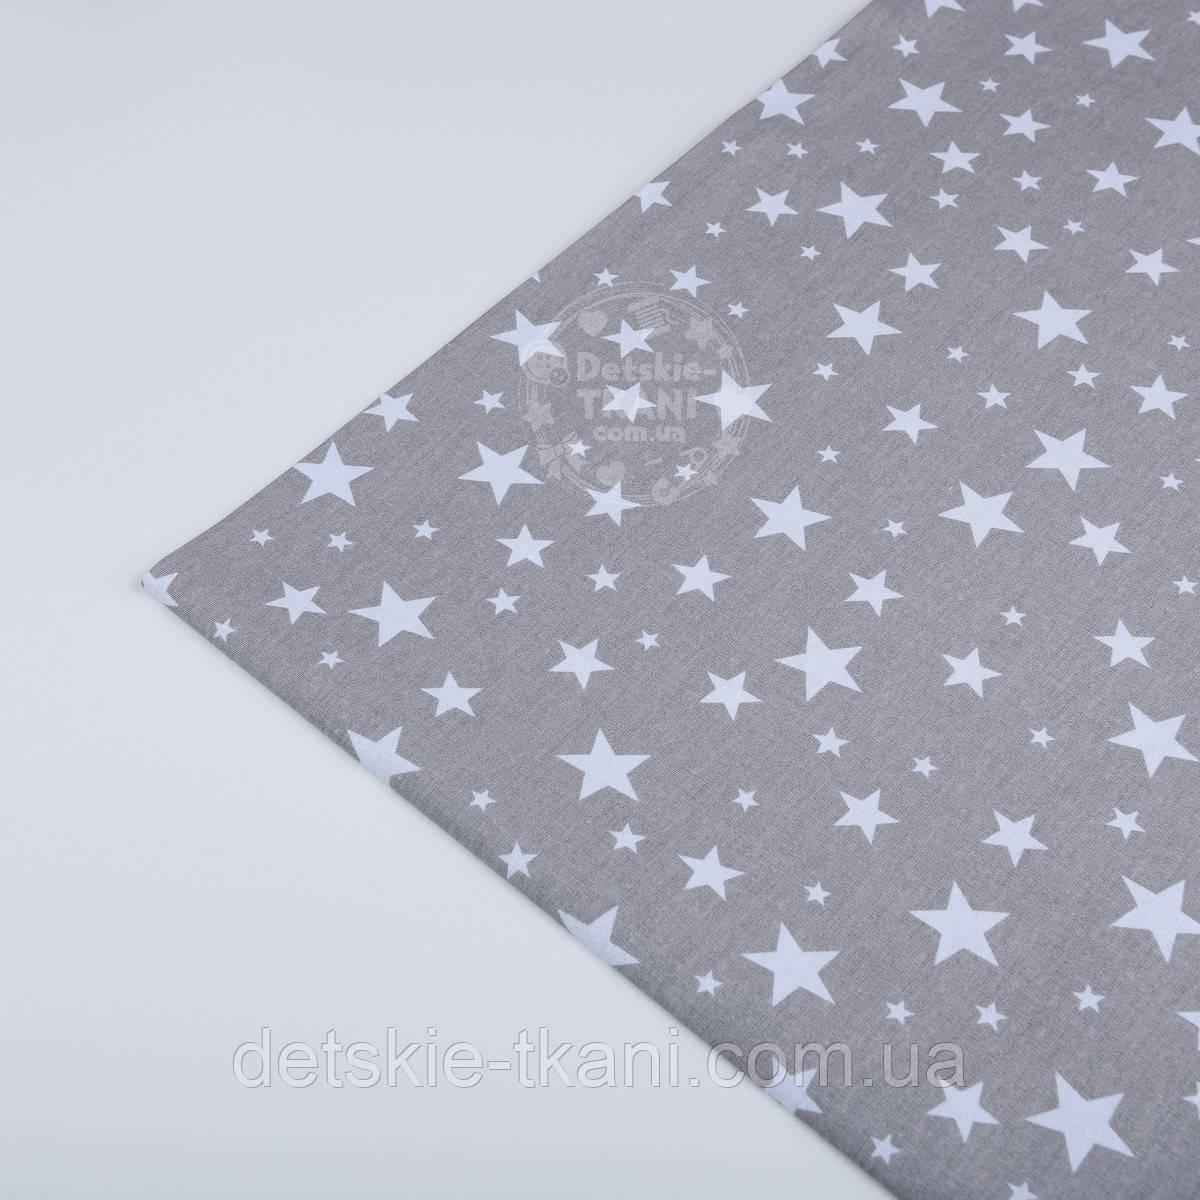 """Лоскут ткани №993 Звёздная россыпь"""" с белыми звёздами на сером фоне"""